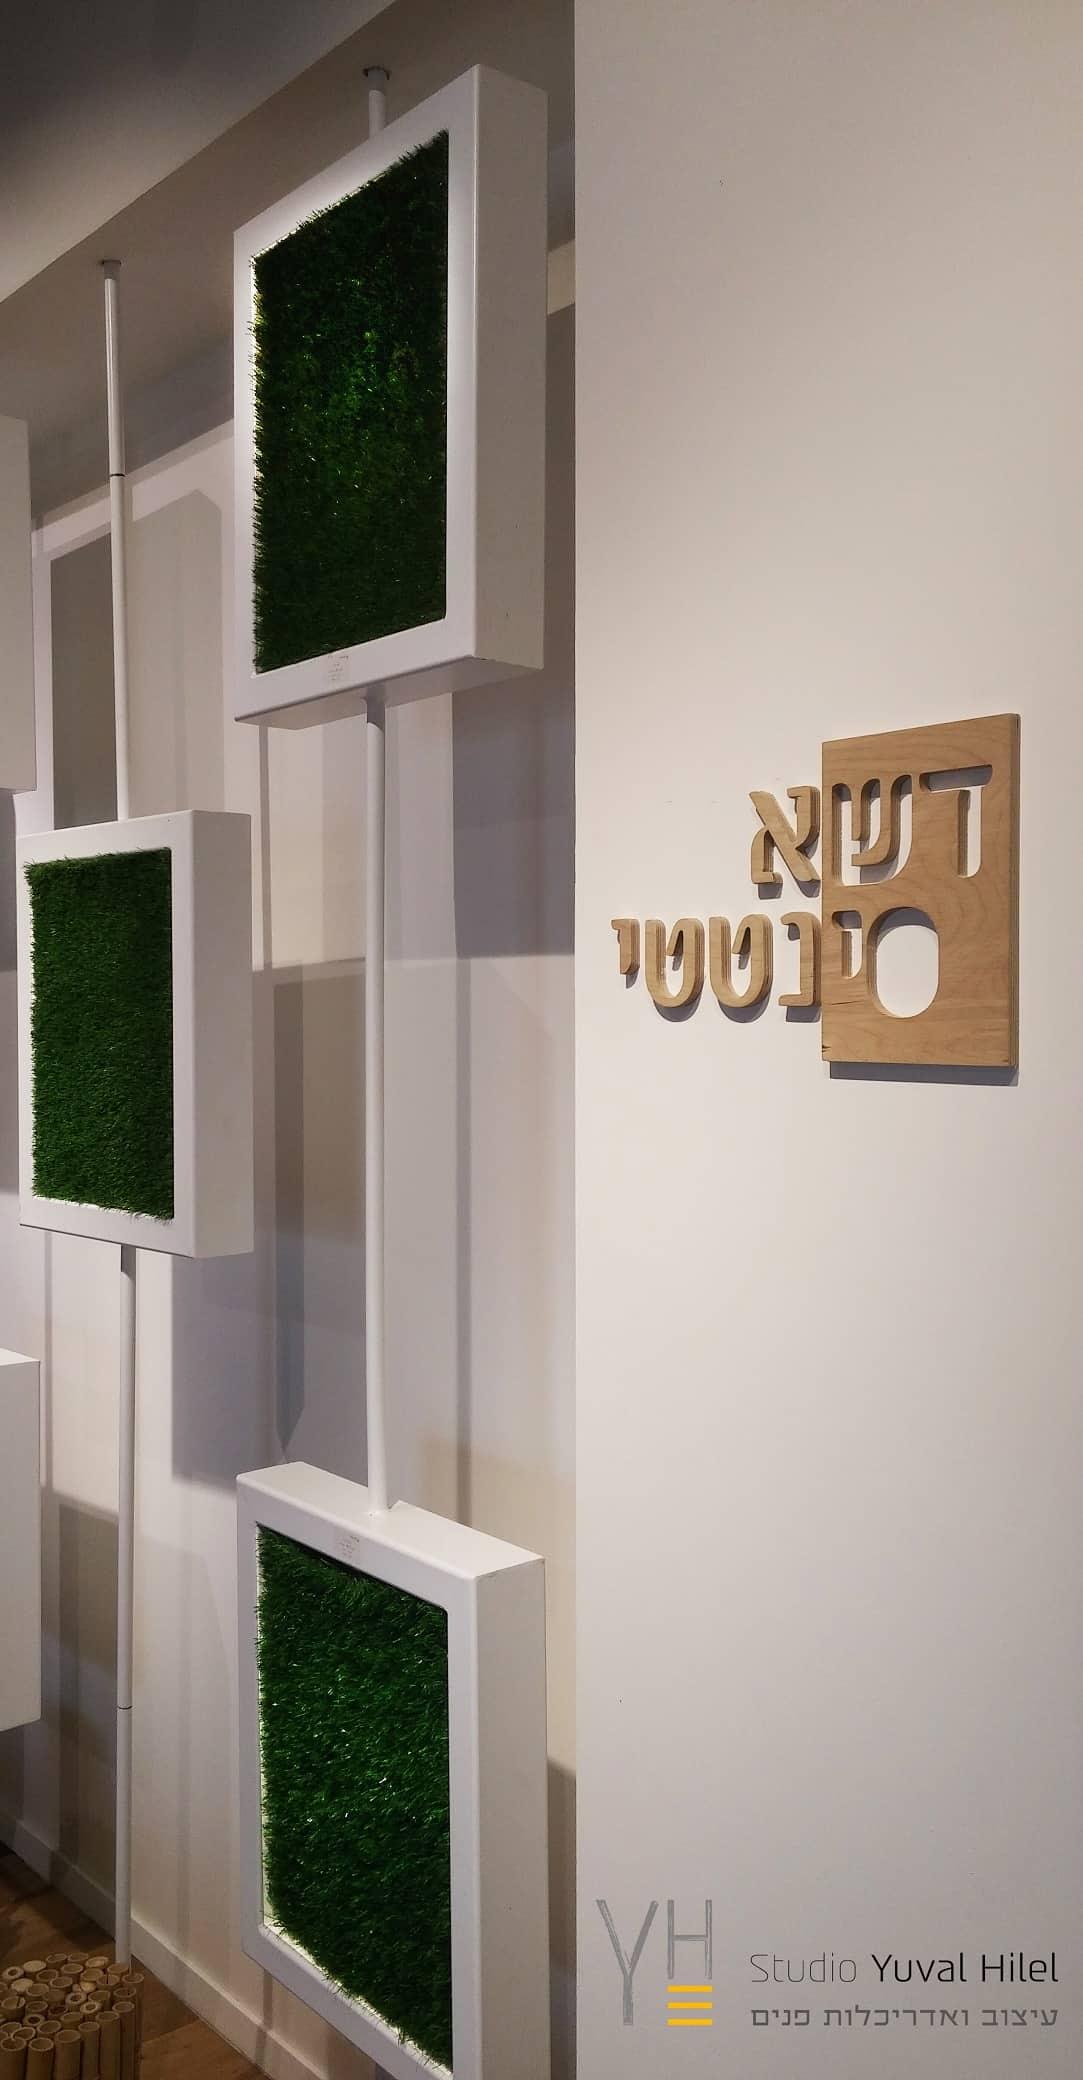 עיצוב אולם תצוגה - א.צ ג'רבי